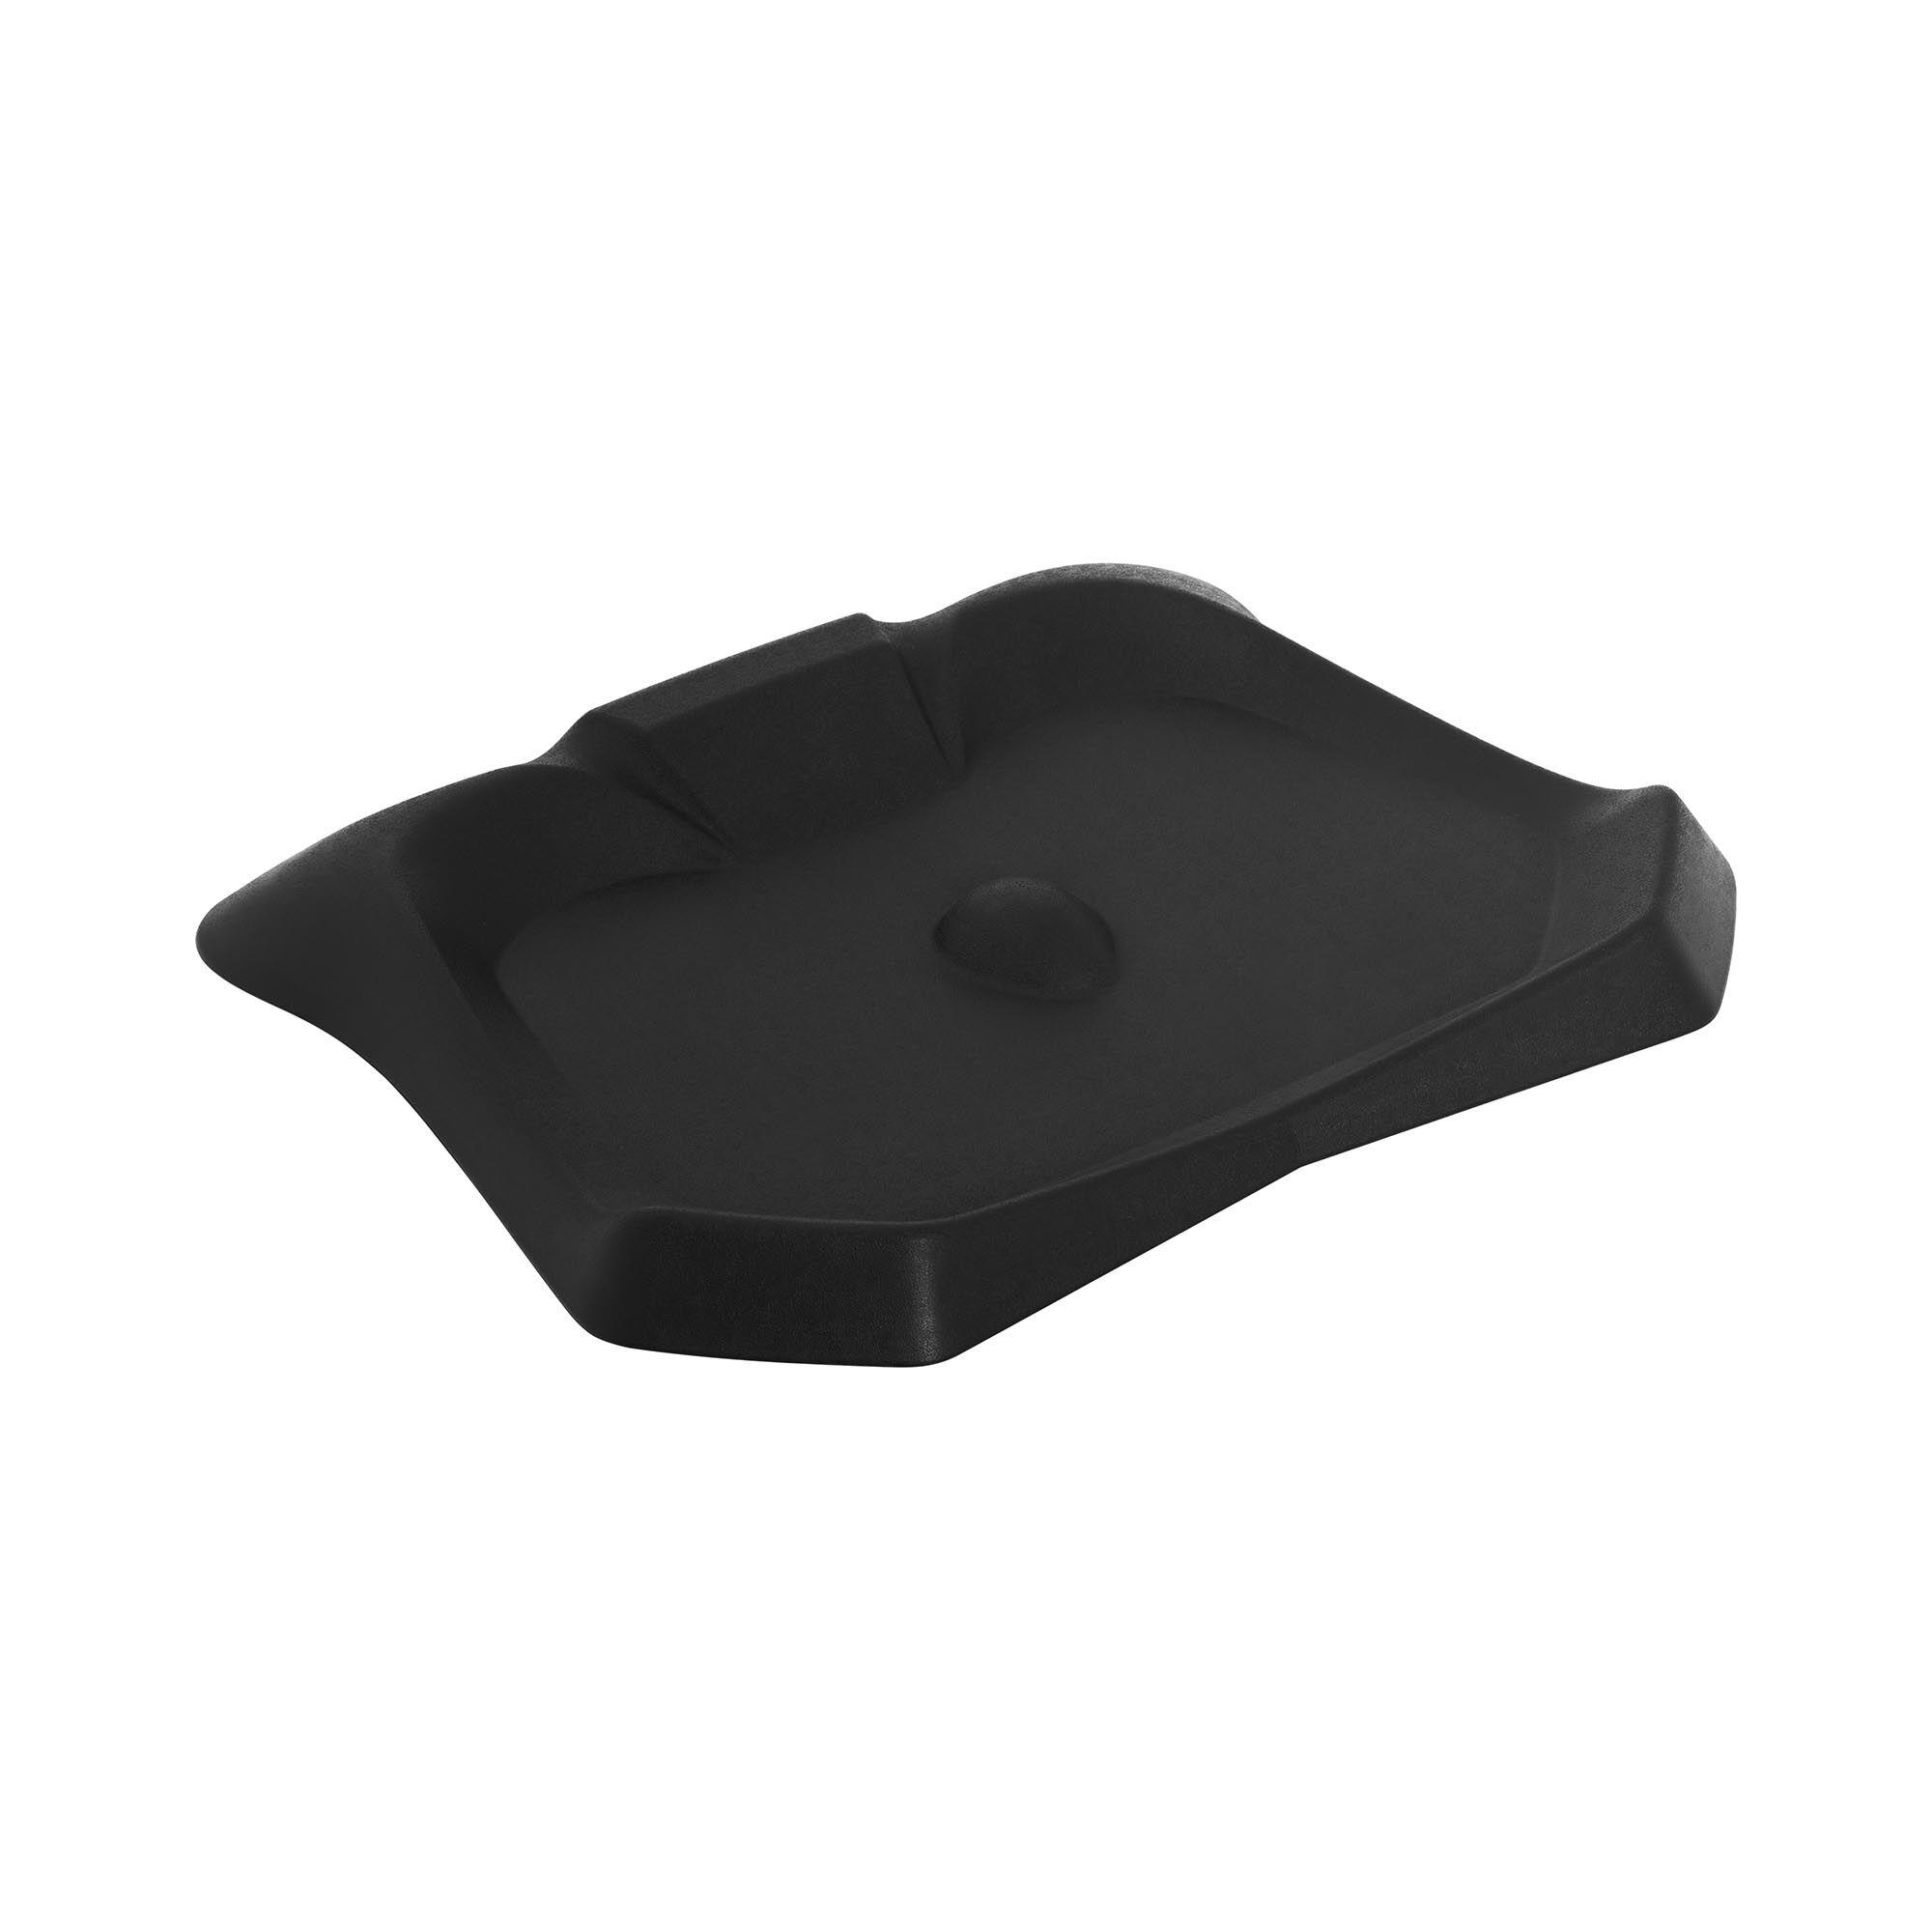 Fromm & Starck Ergonomisk ståbrett - ulike vinkler - massasjeball 10260063